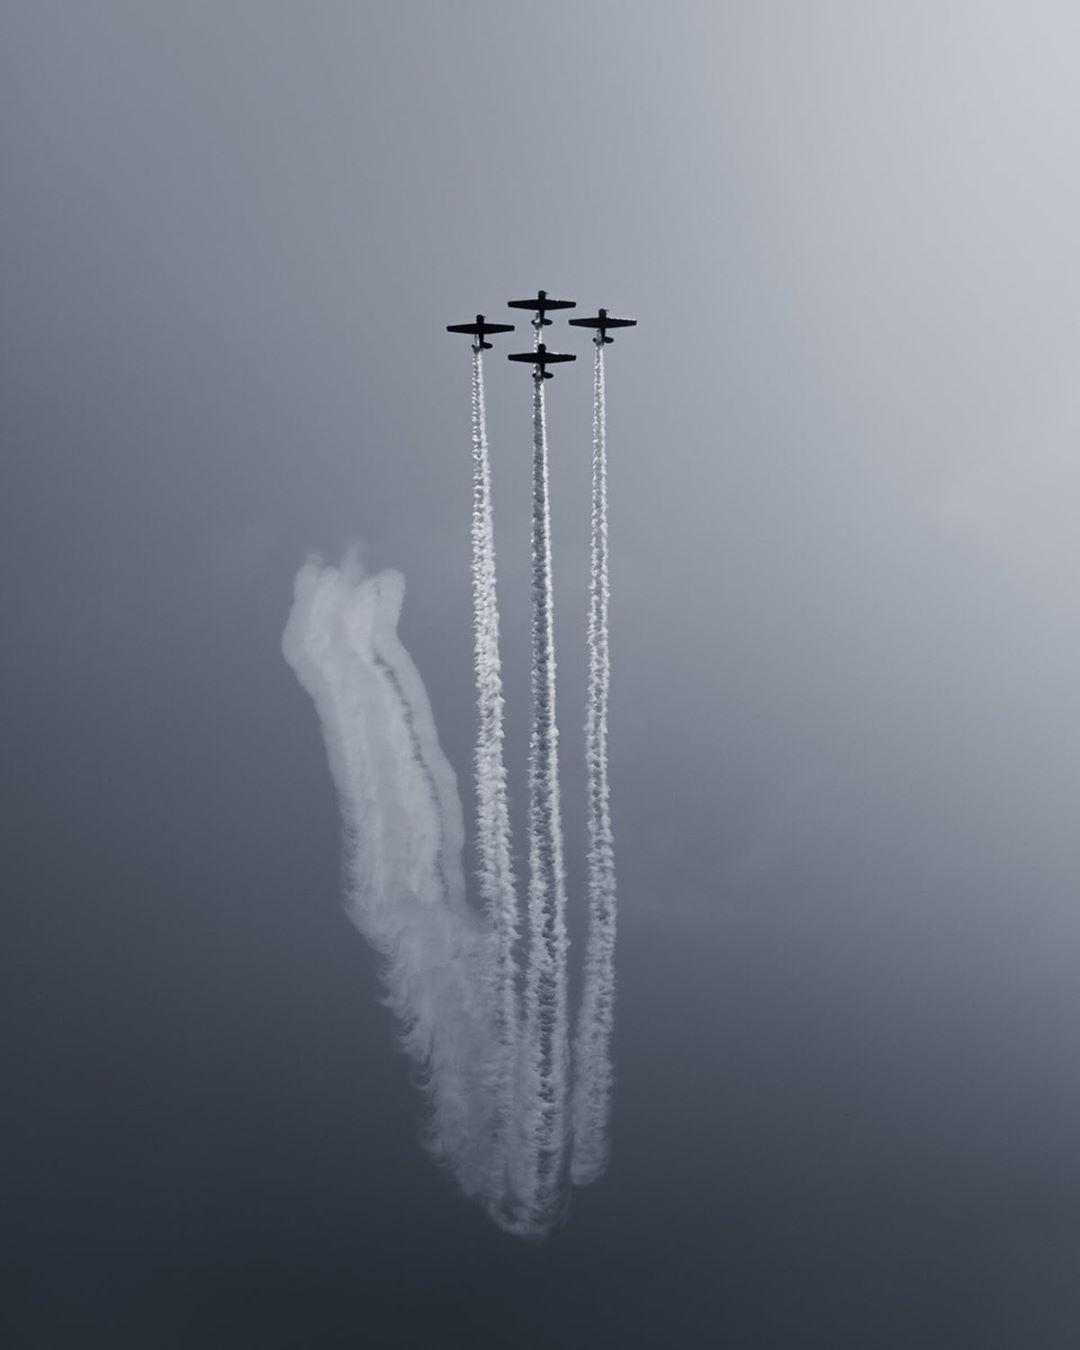 Минималистические аэрофотоснимки от Симеона Пратта